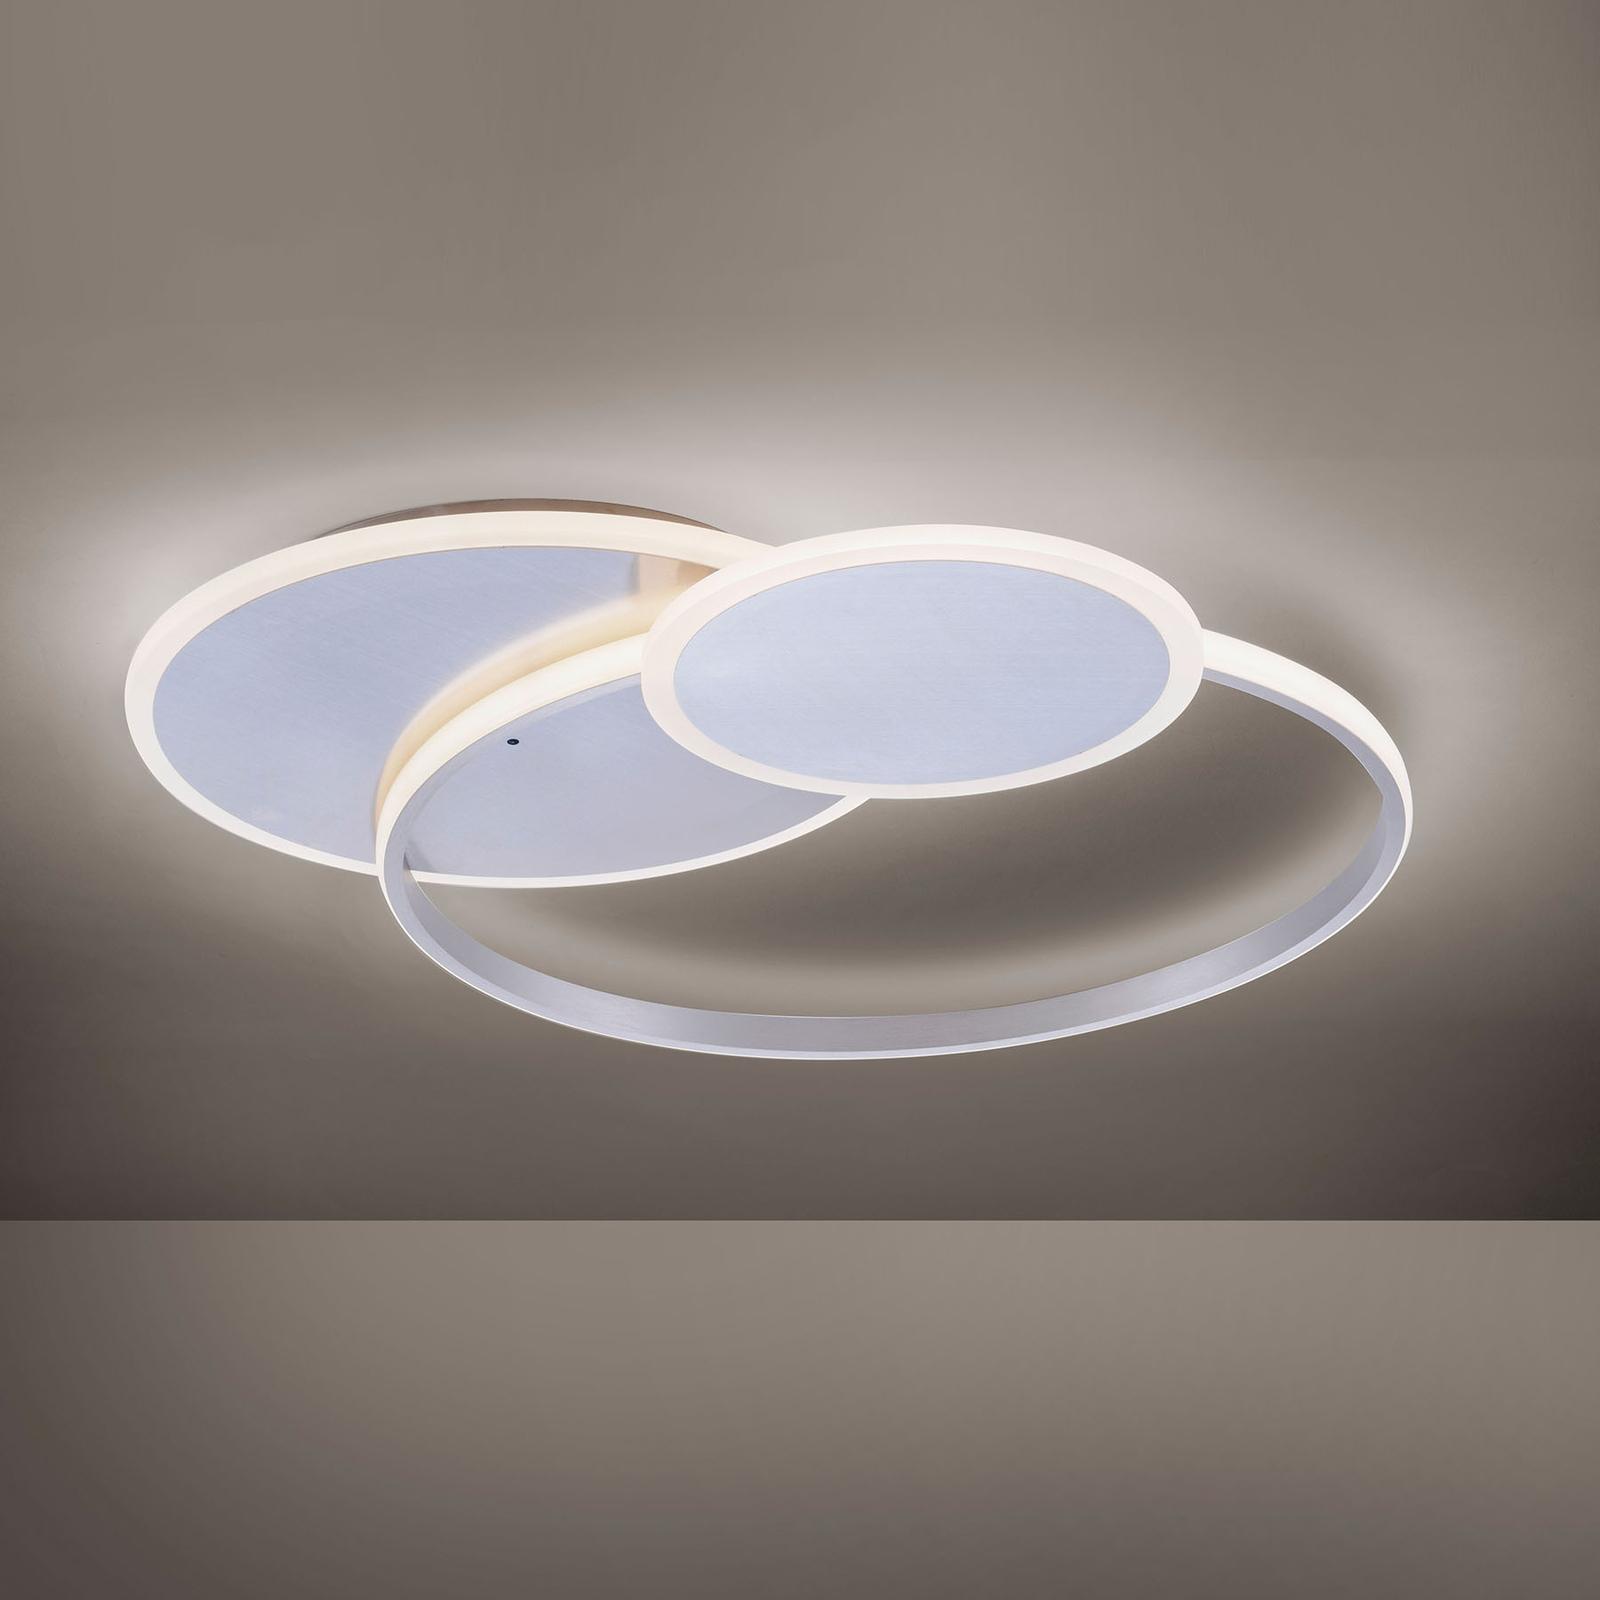 LED-kattovalaisin Emilio, kaukosäädin, pyöreä